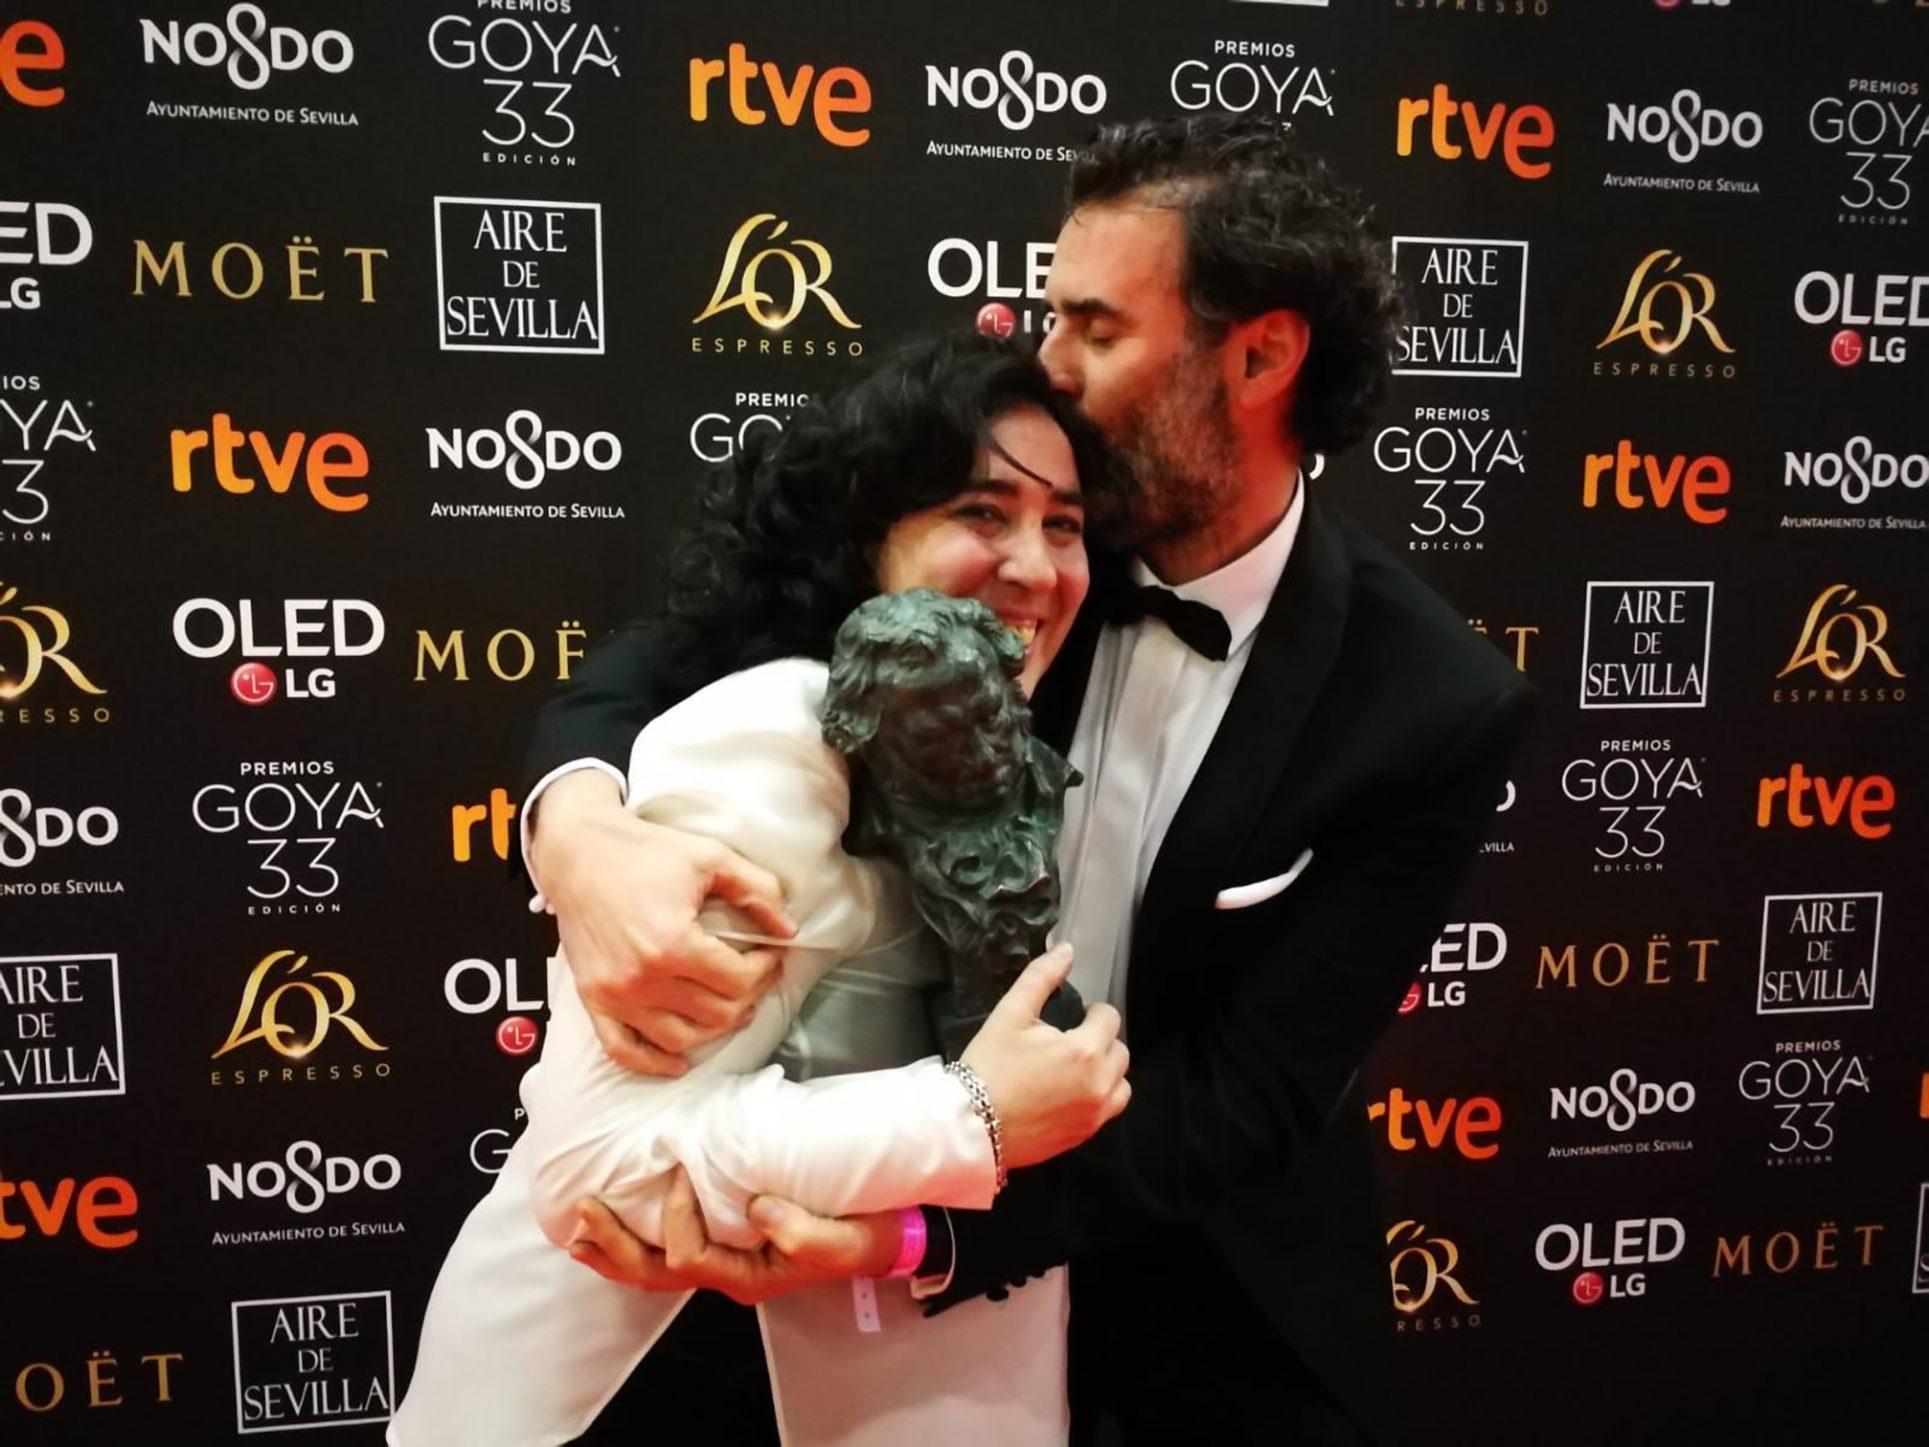 Jorge Calatayud guanya el Goya amb l'equip de 'Carmen y Lola' El Periòdic d'Ontinyent